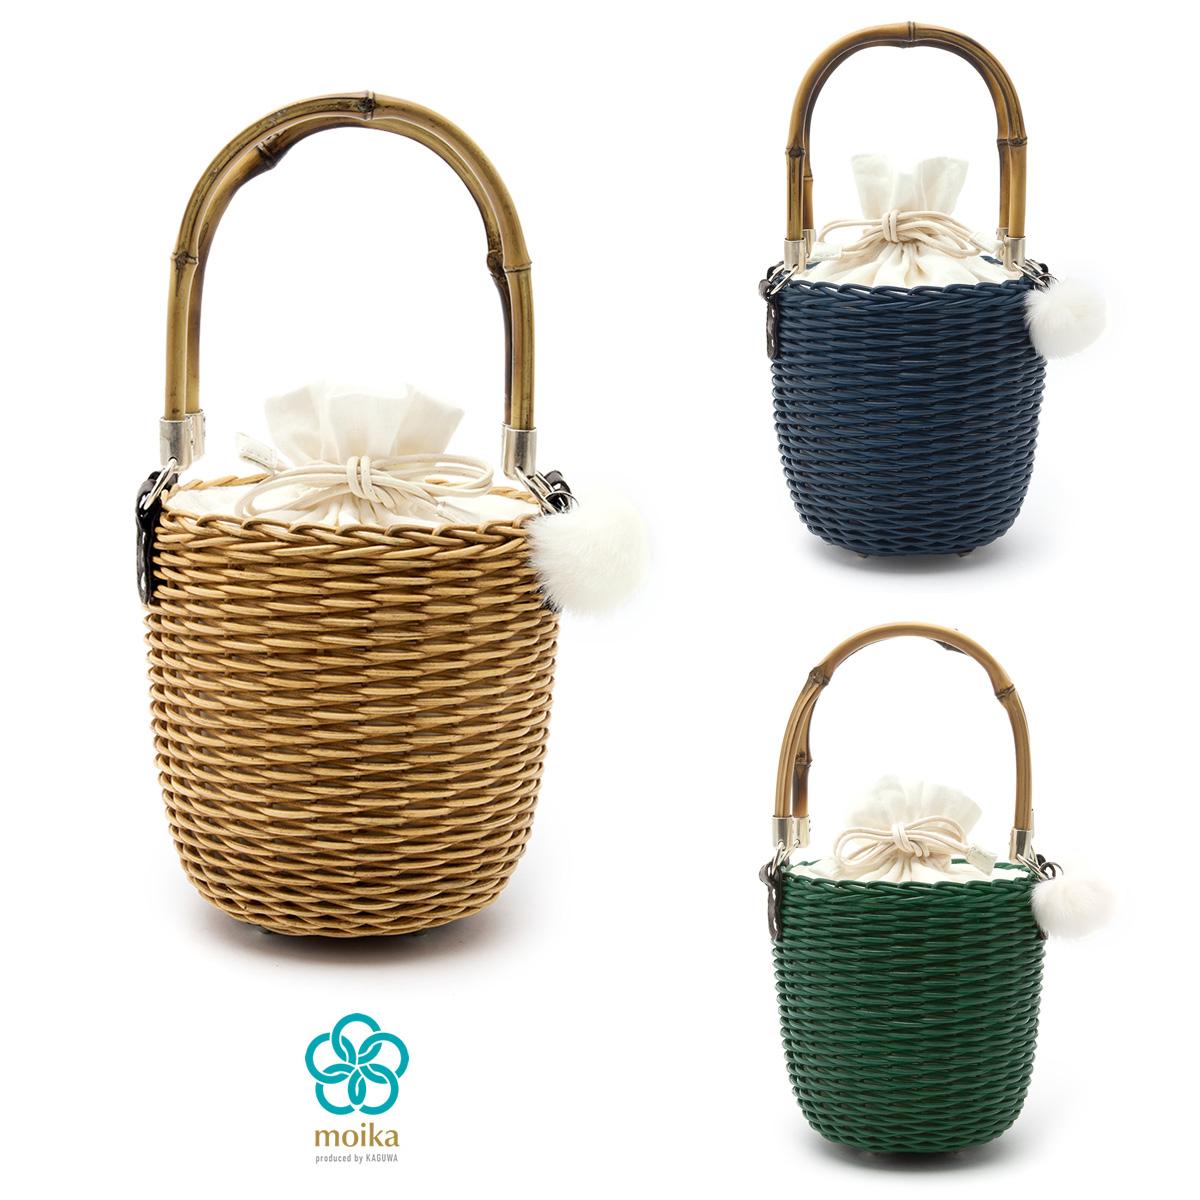 moika 籐籠巾着バッグ レディース 無地 単色 シンプル 麻 籐 チャーム付 女性用 和装小物 ベージュ ブルー グリーン